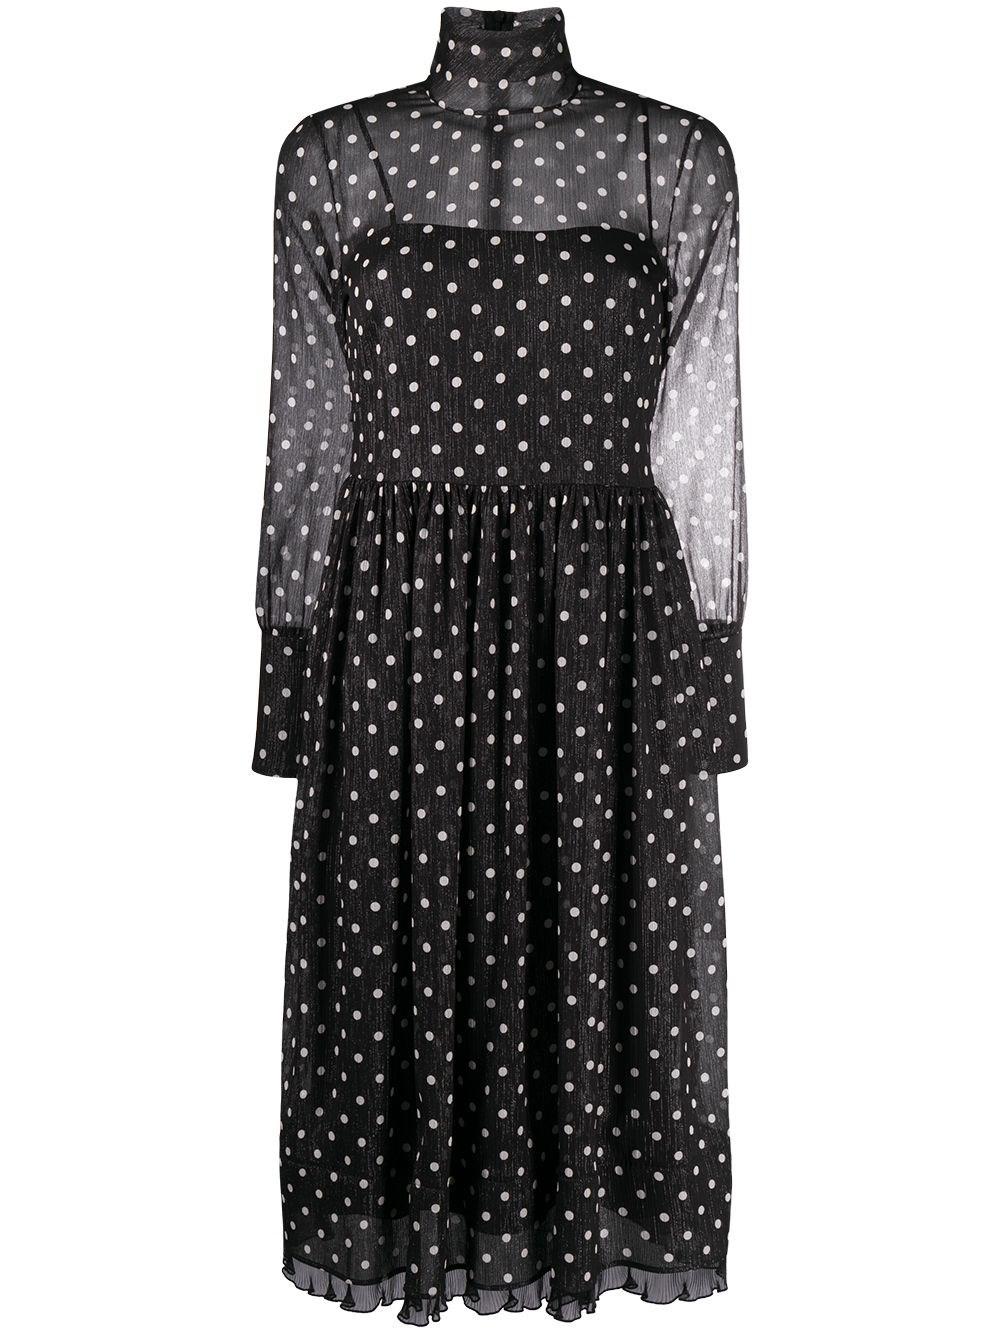 REDVALENTINO Polka Dot Midi Dress